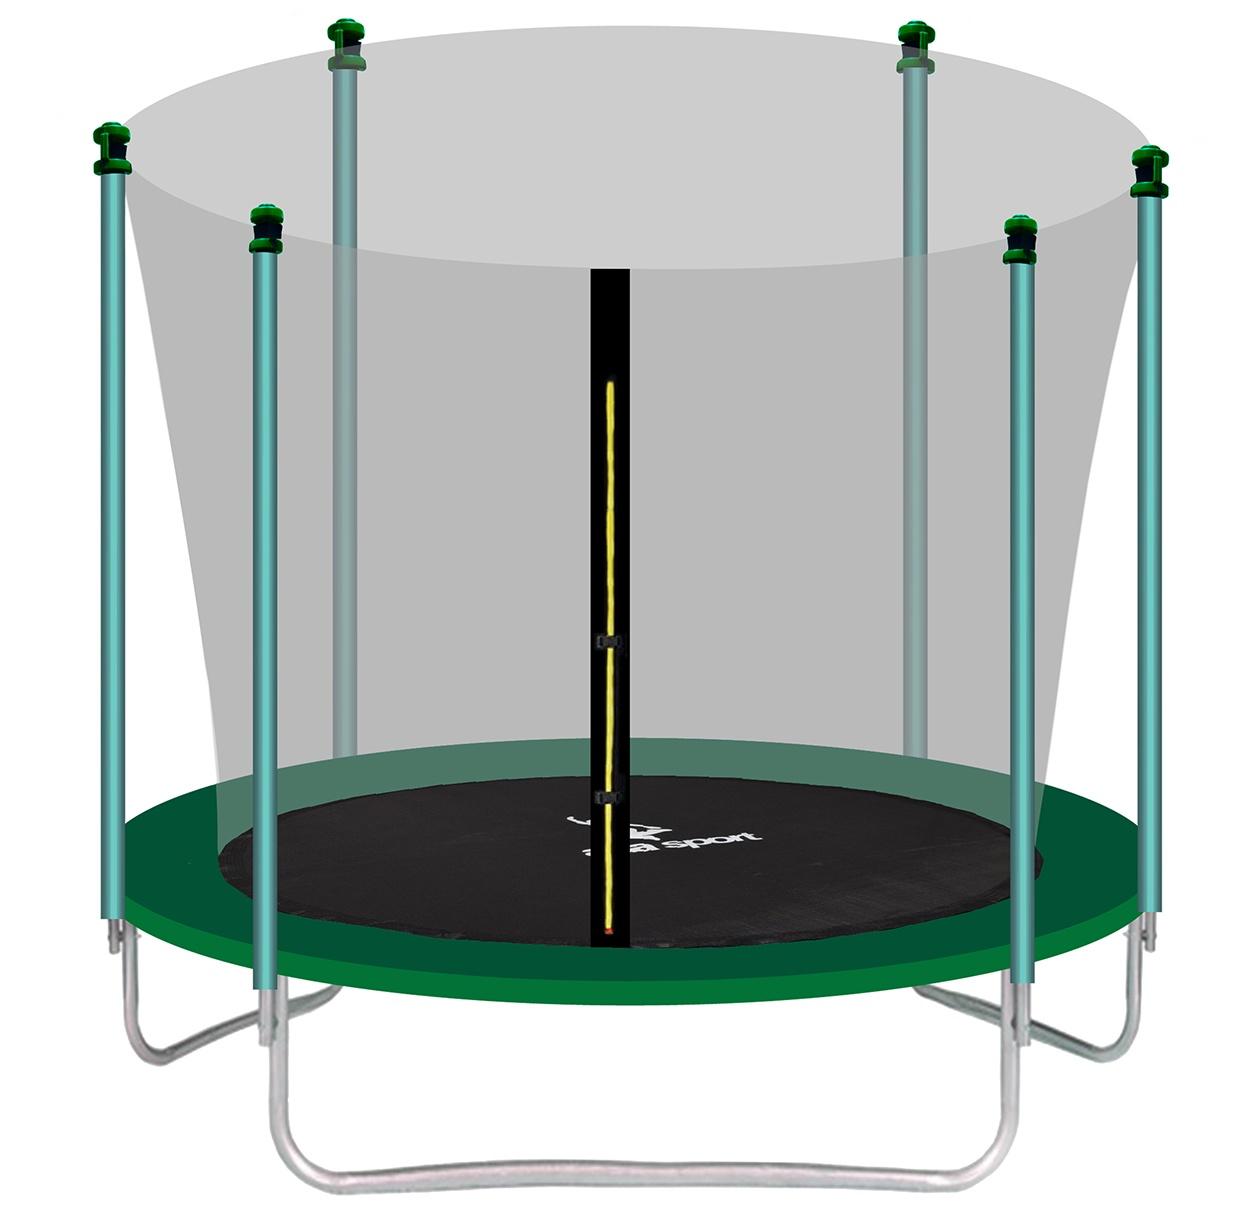 Aga SPORT FIT Trampolína 305 cm Dark Green + vnitřní ochranná síť